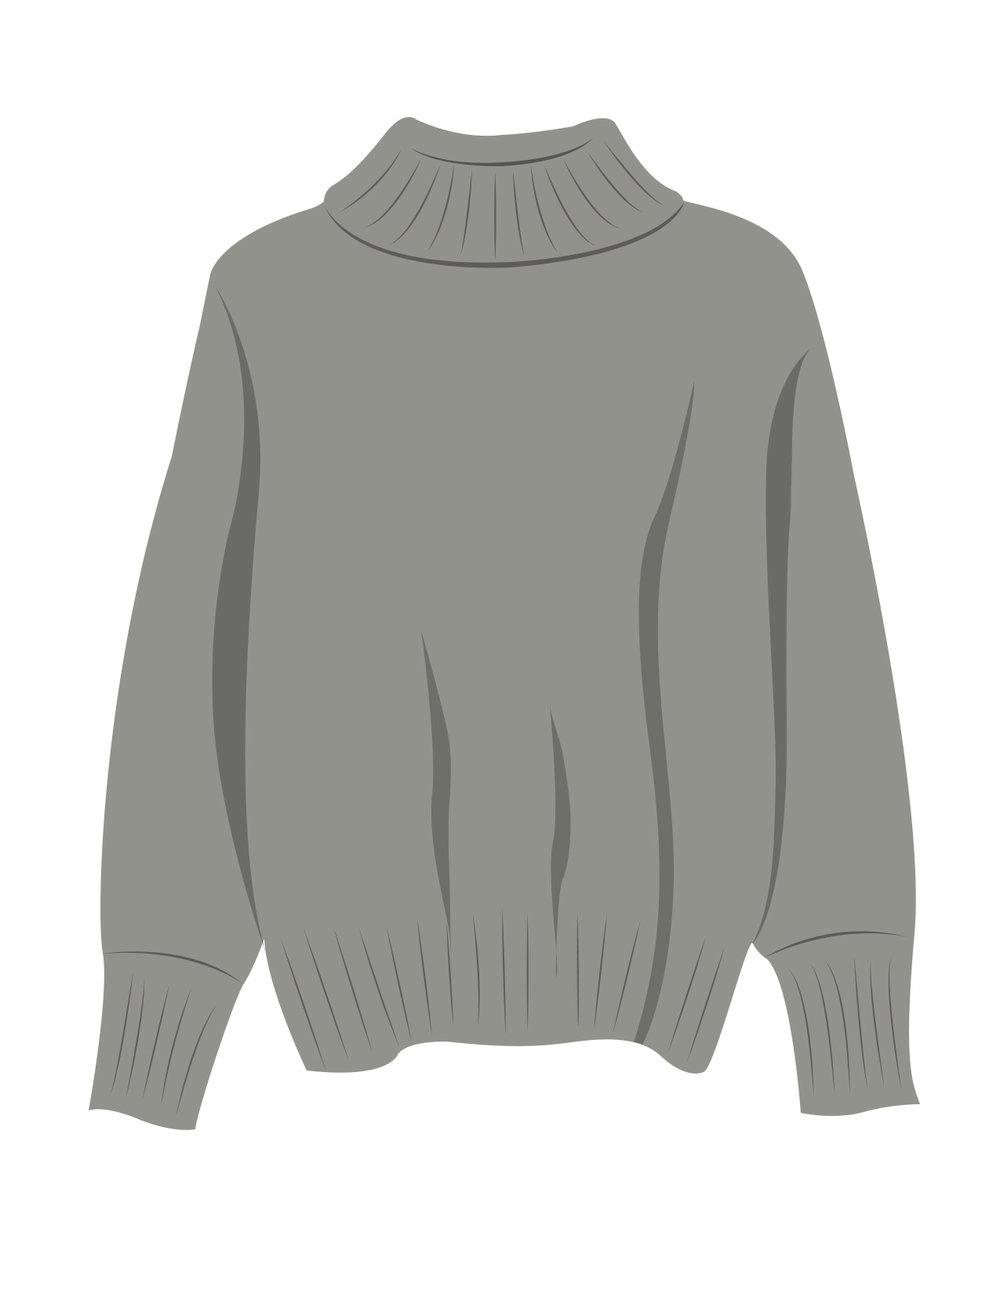 FallFashionSweater